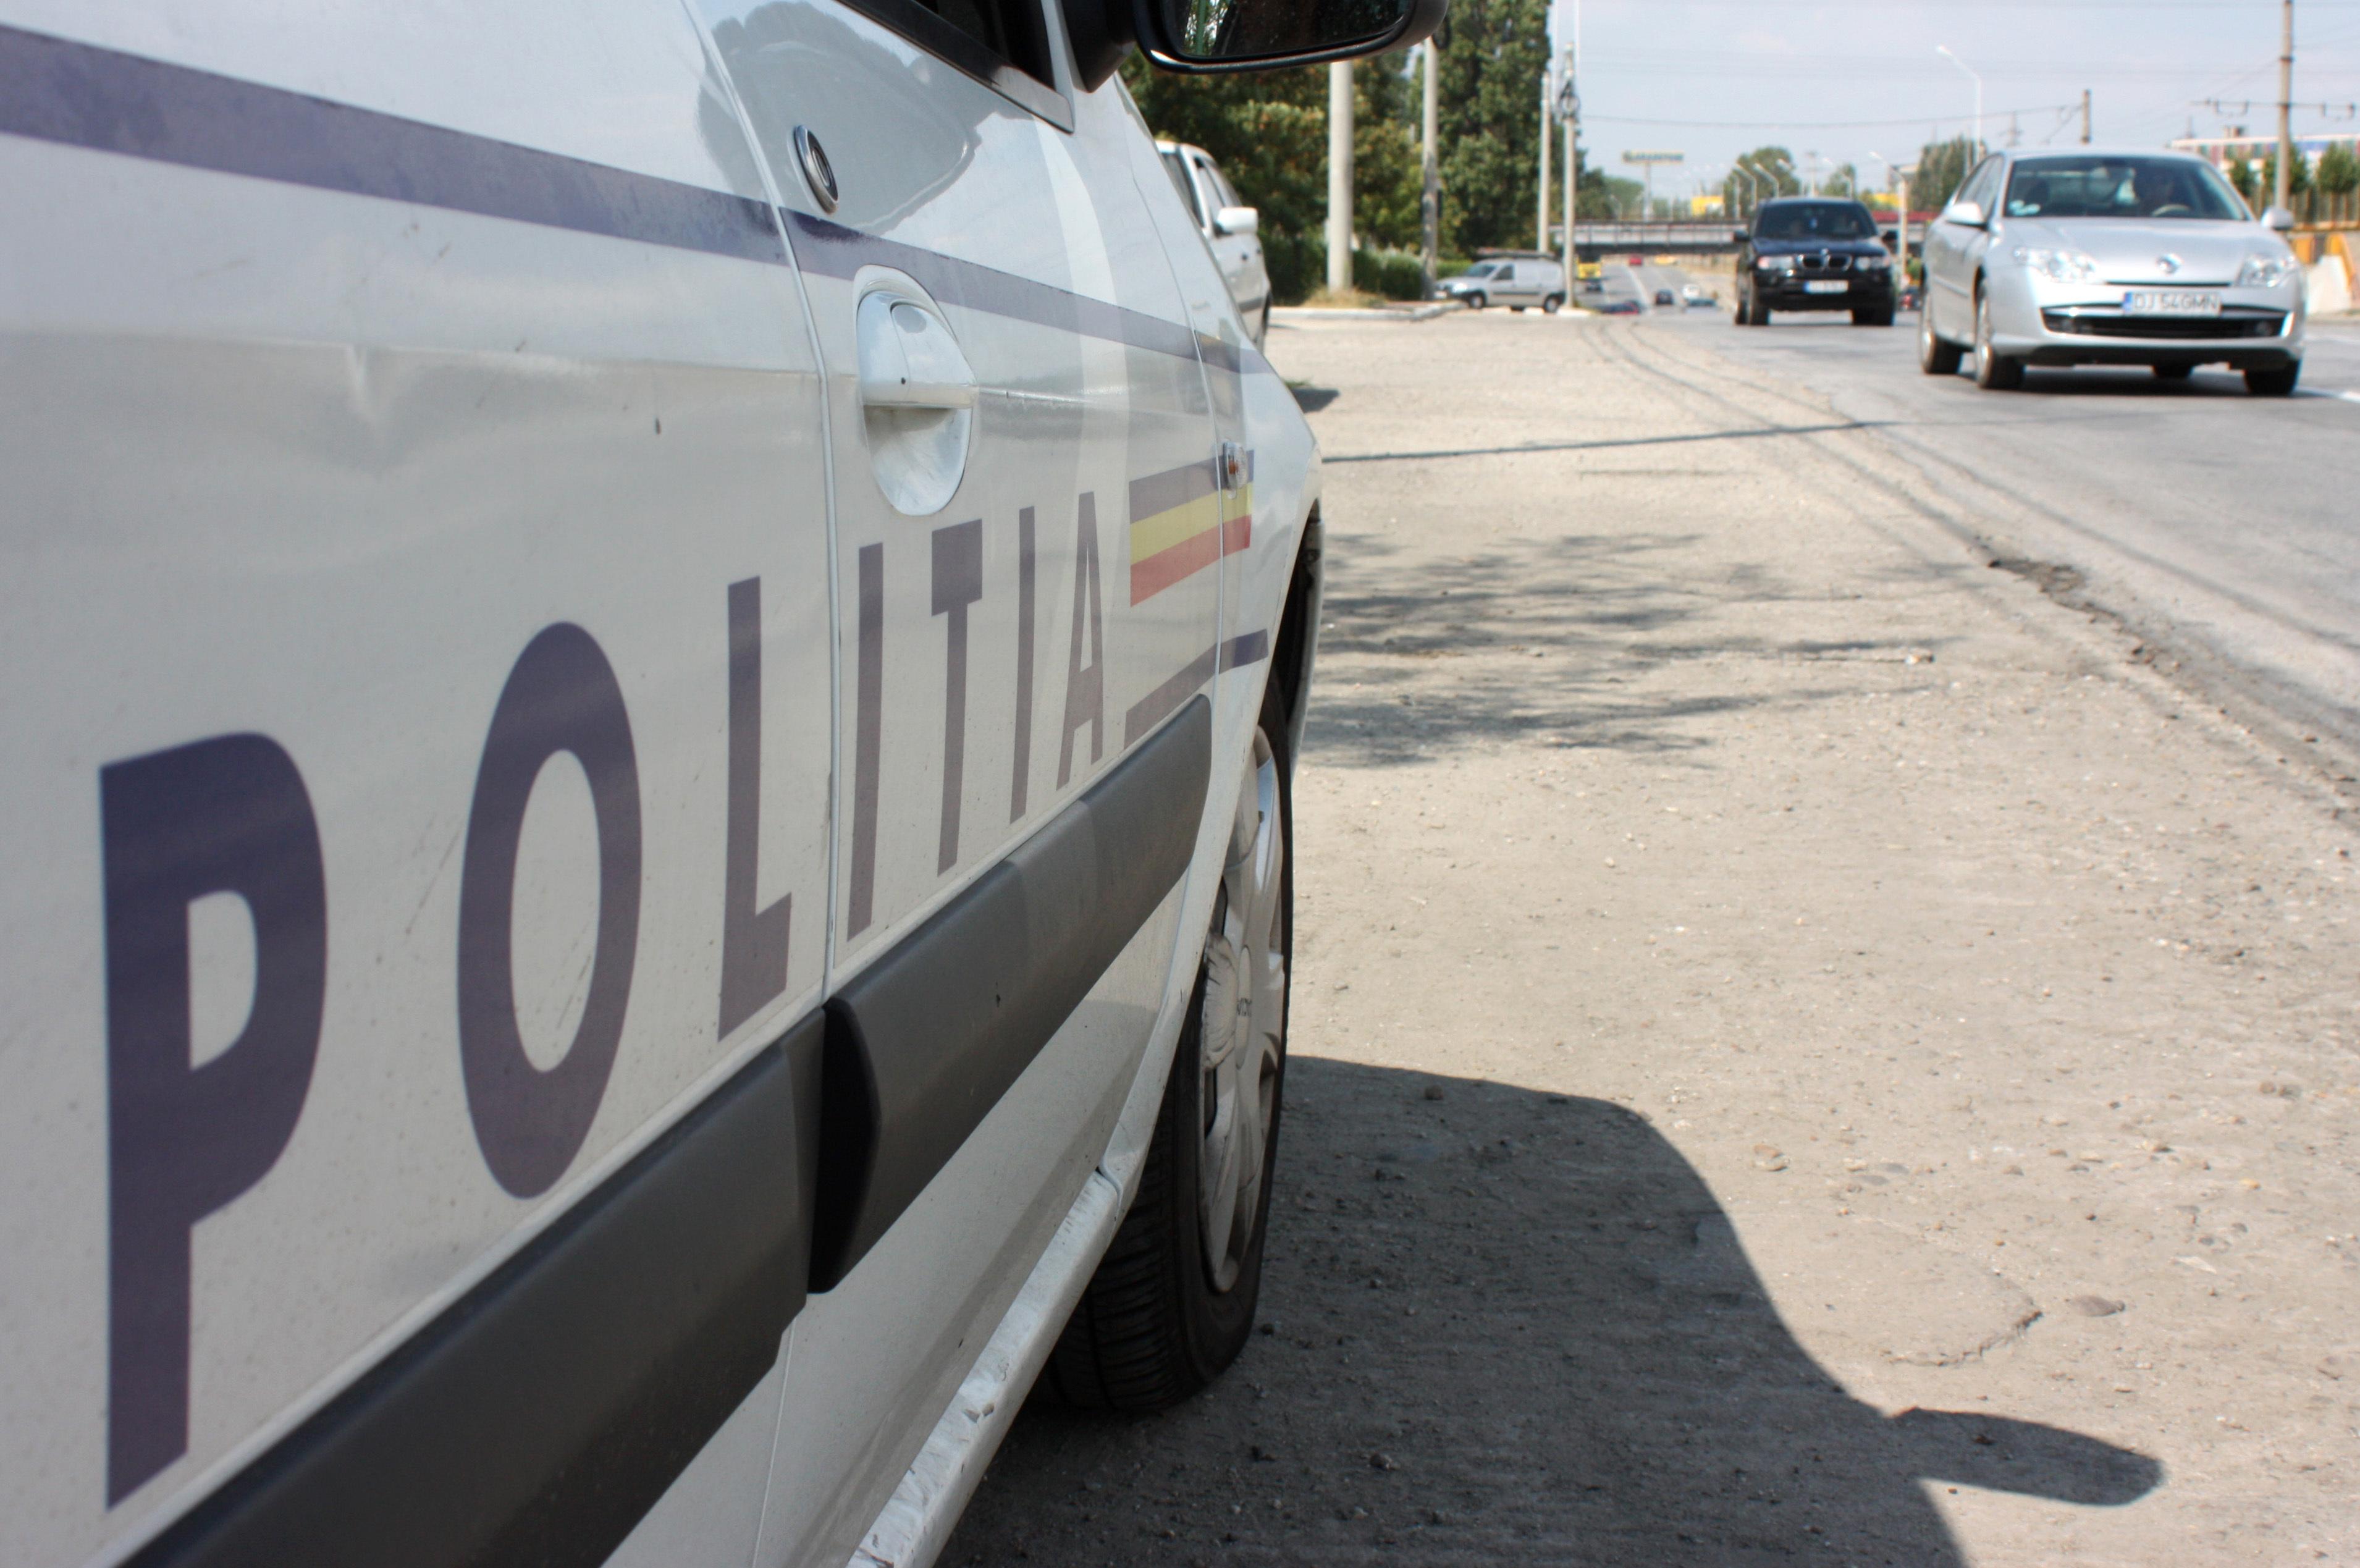 ALERTĂ la Timişoara: Un bărbat căutat pentru furt a scăpat în momentul încătuşării, după o urmărire ca în filme. Un poliţist, rănit